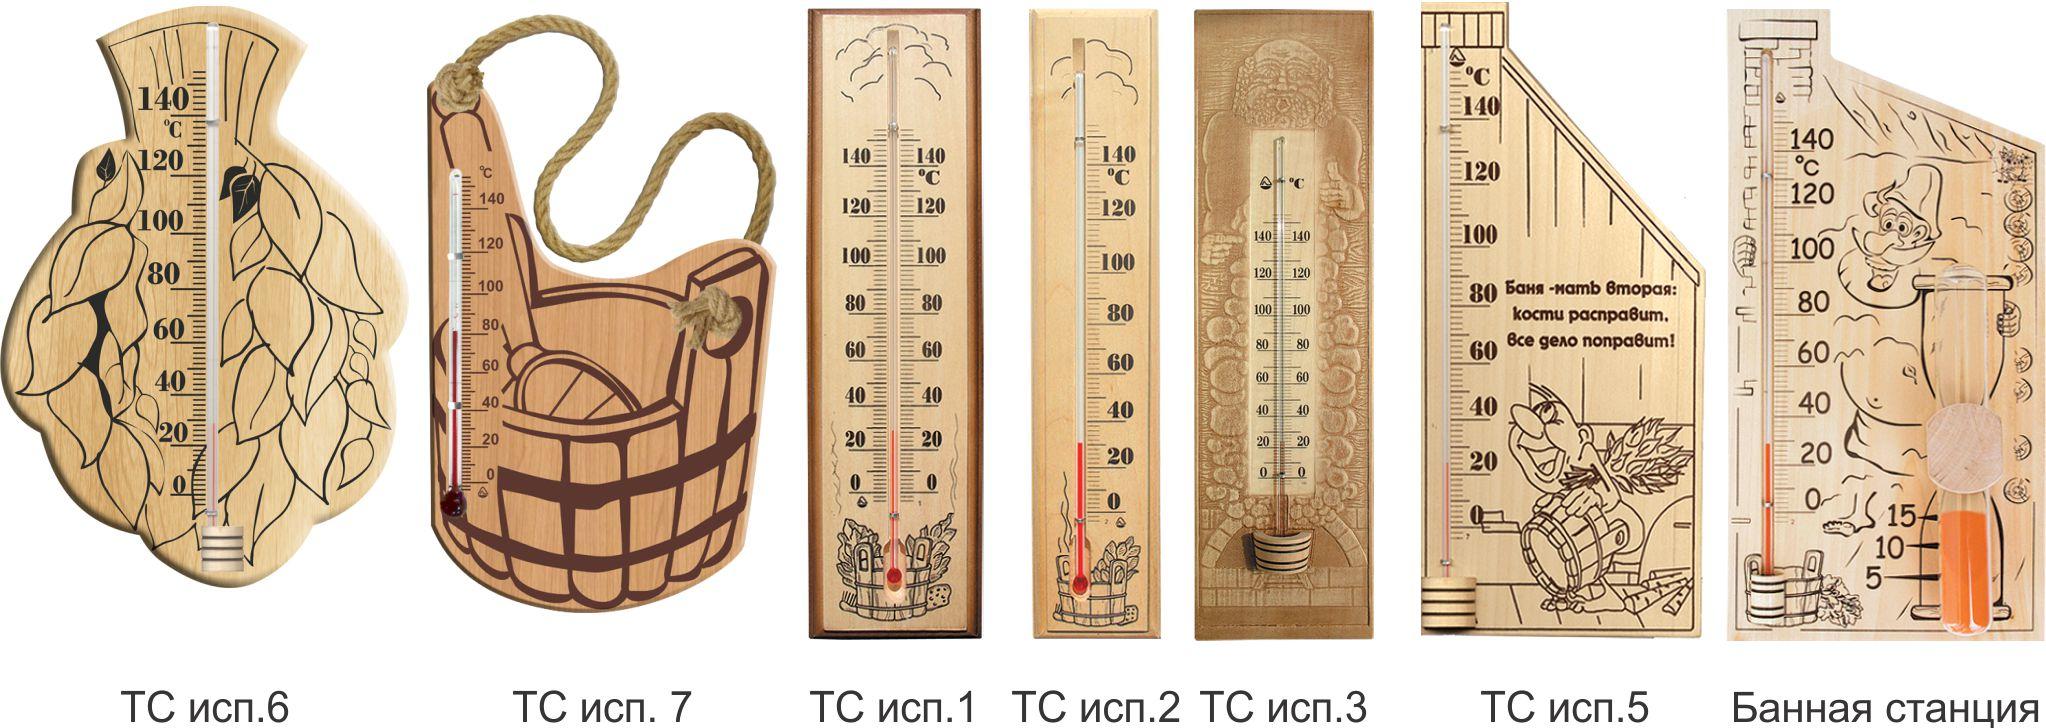 Выбор термометра и других измерительных приборов для бани